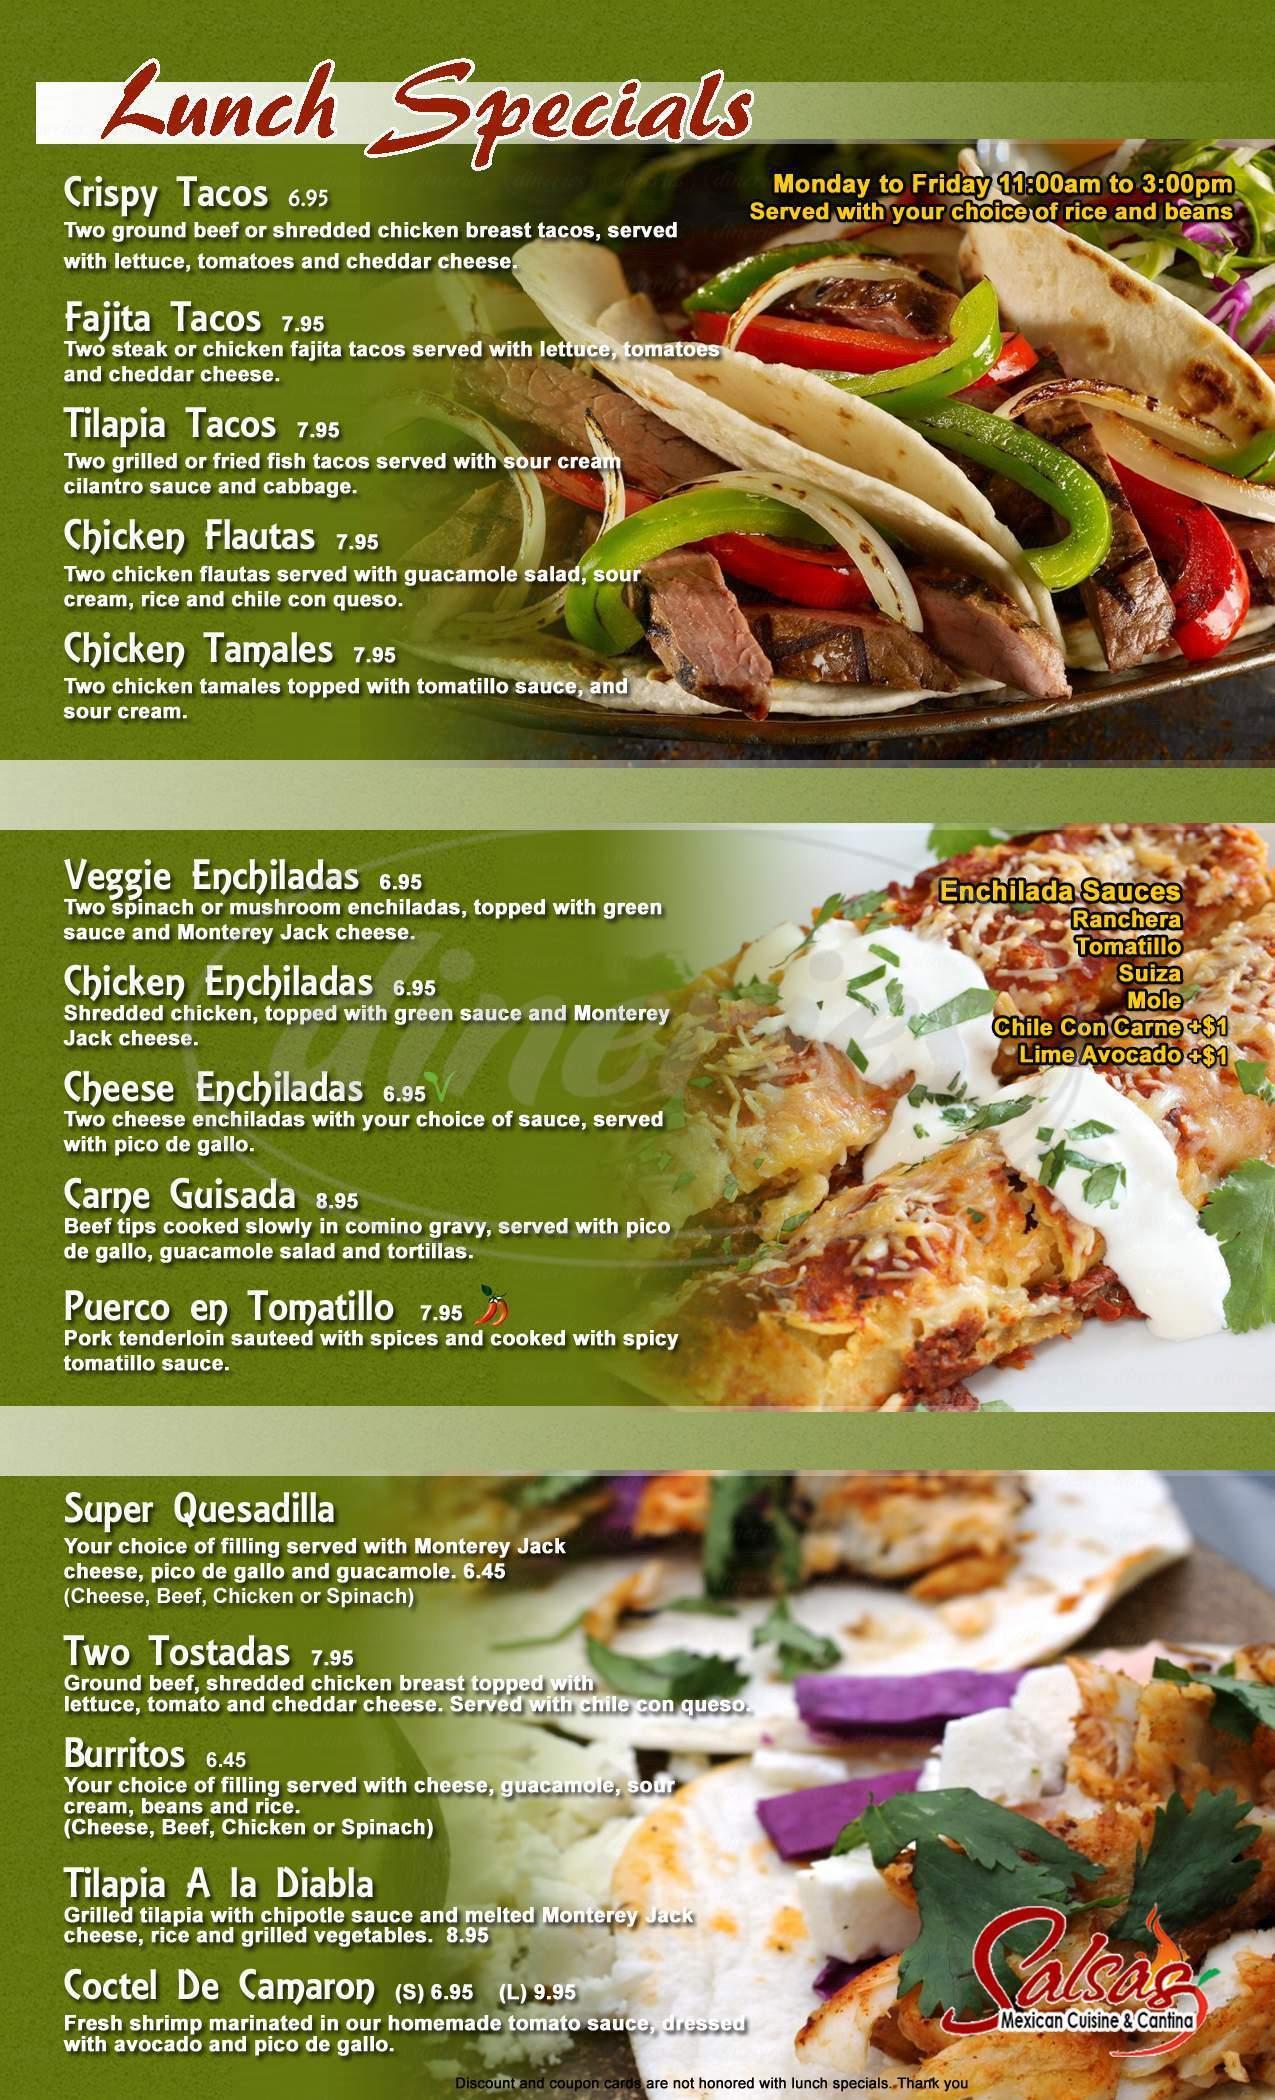 menu for Salsas